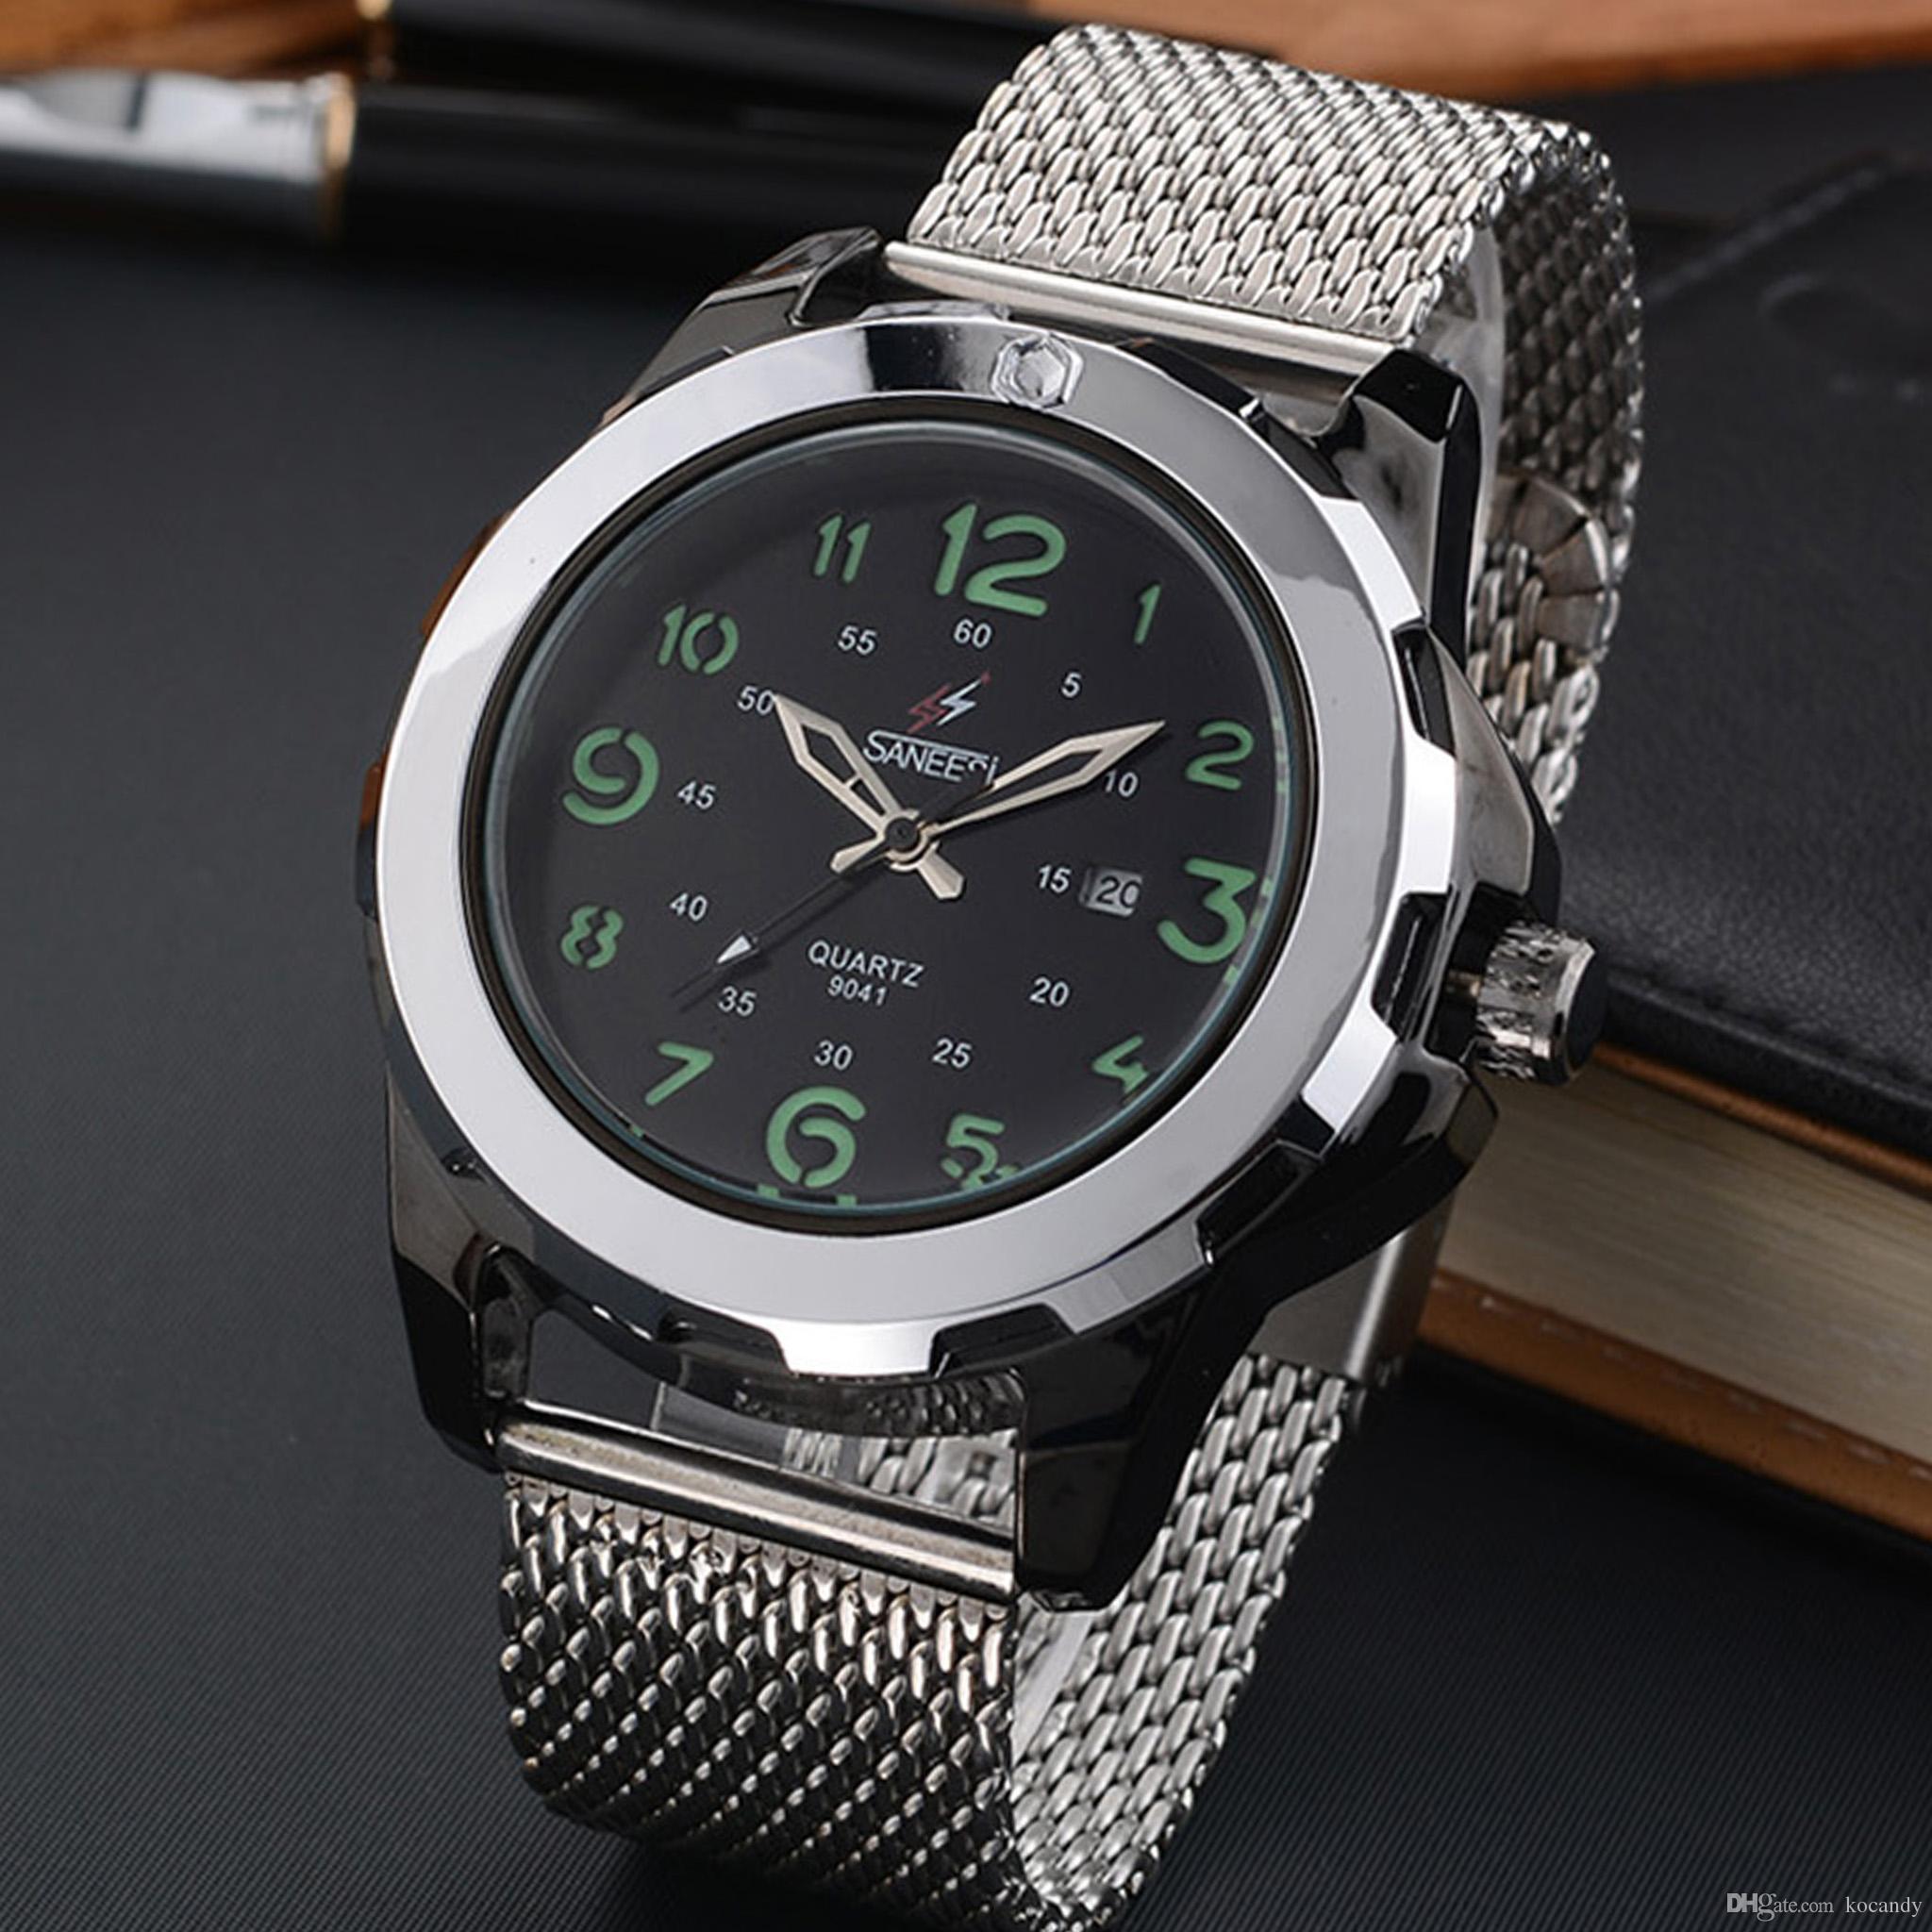 design senza tempo 5a8cc 9cdc4 Orologio al quarzo da uomo SANEESI movimento giapponese 30 metri  impermeabile e casual orologio di fascia alta # 9041